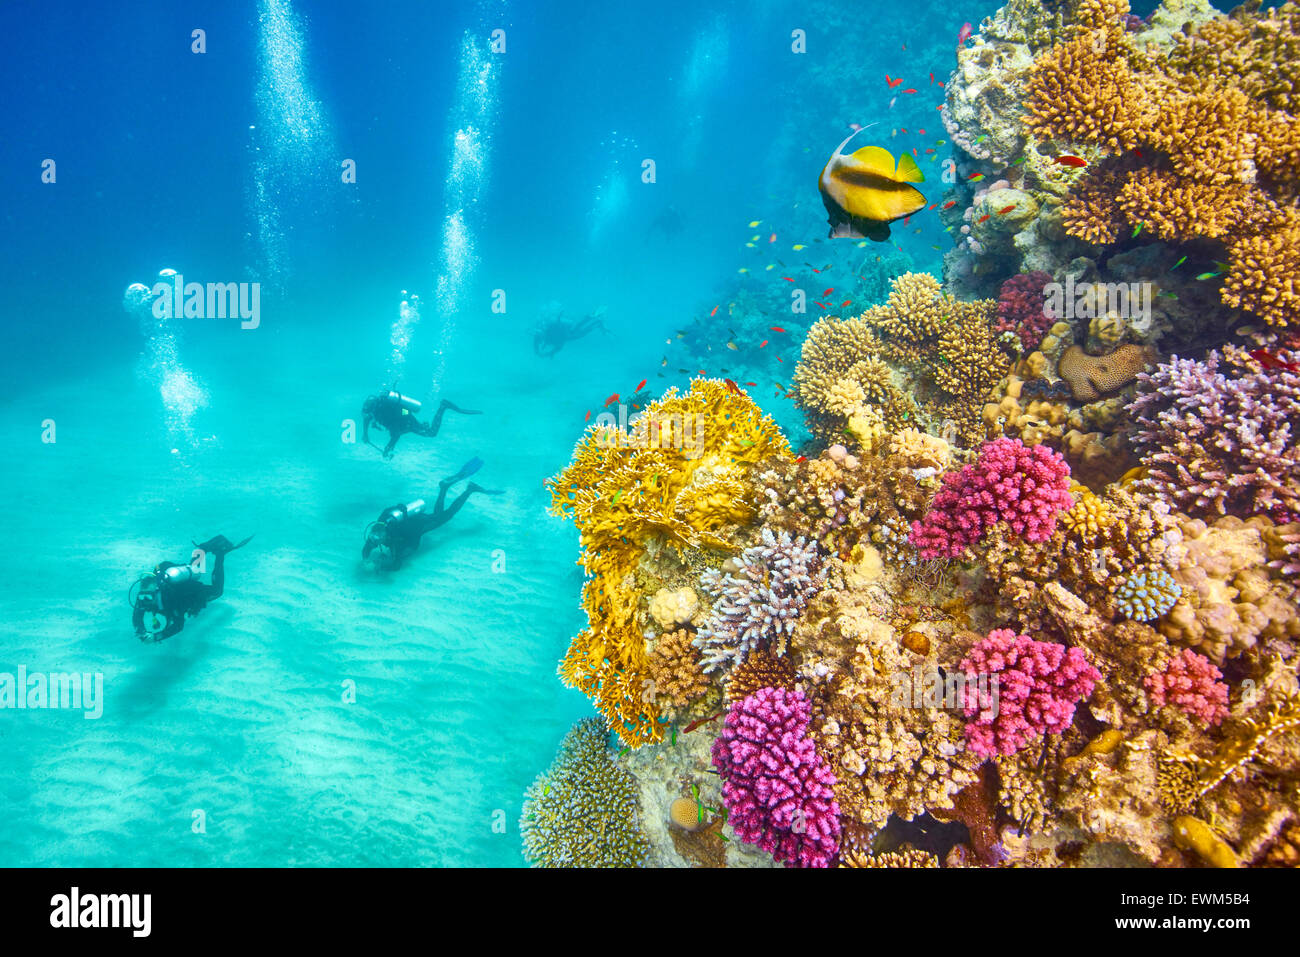 Unterwasser-Blick auf Taucher und Riff, Marsa Alam, Rotes Meer, Ägypten Stockbild